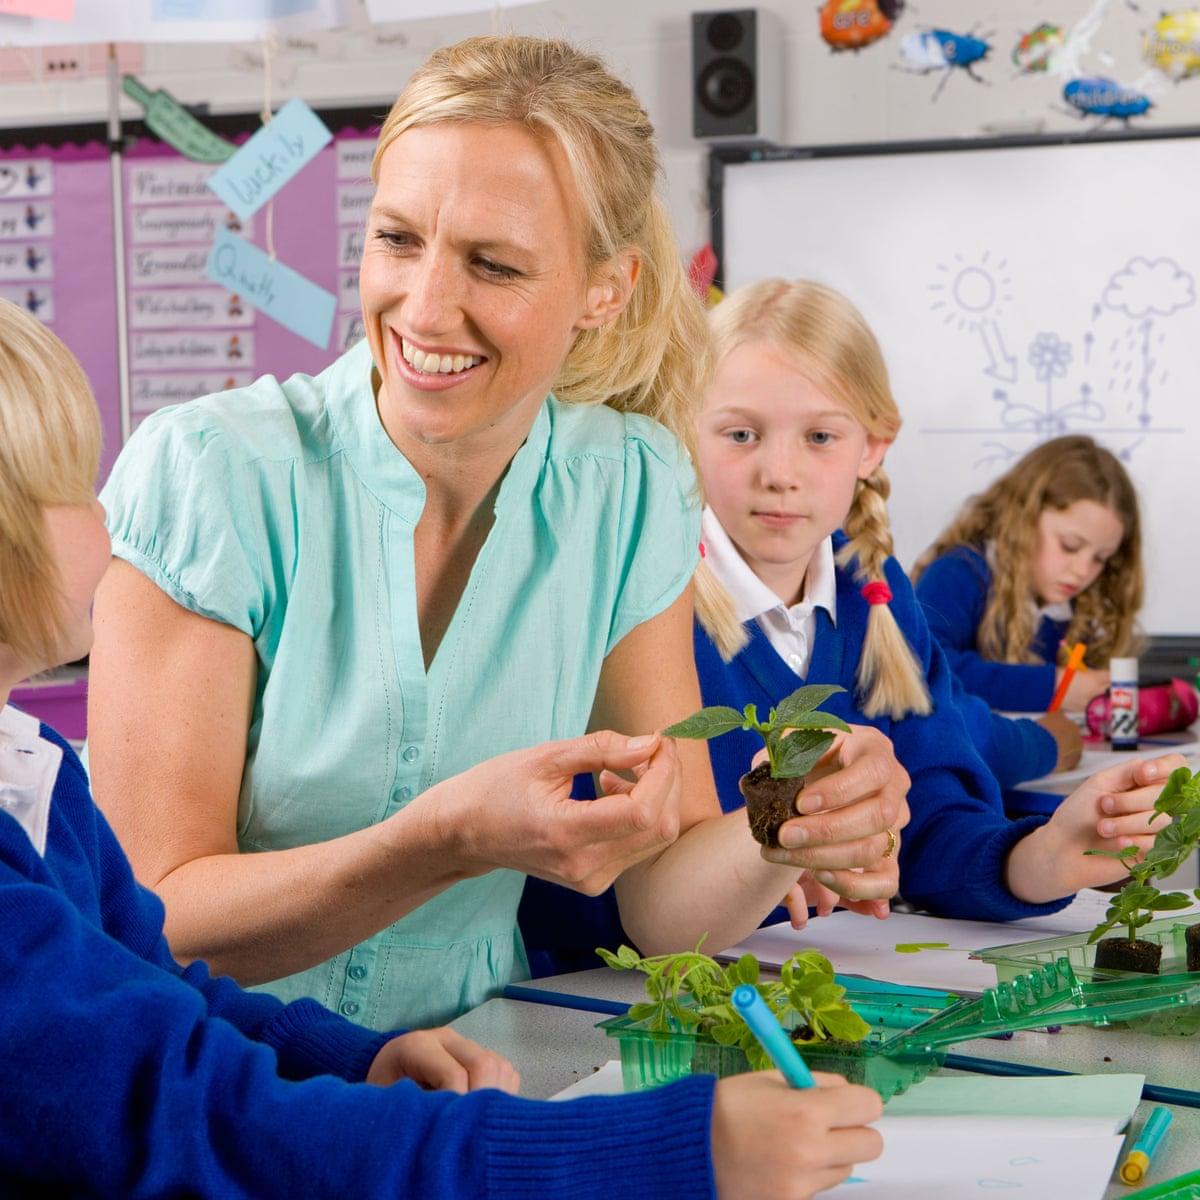 How can teachers support vulnerable children at school? | Teacher Network |  The Guardian